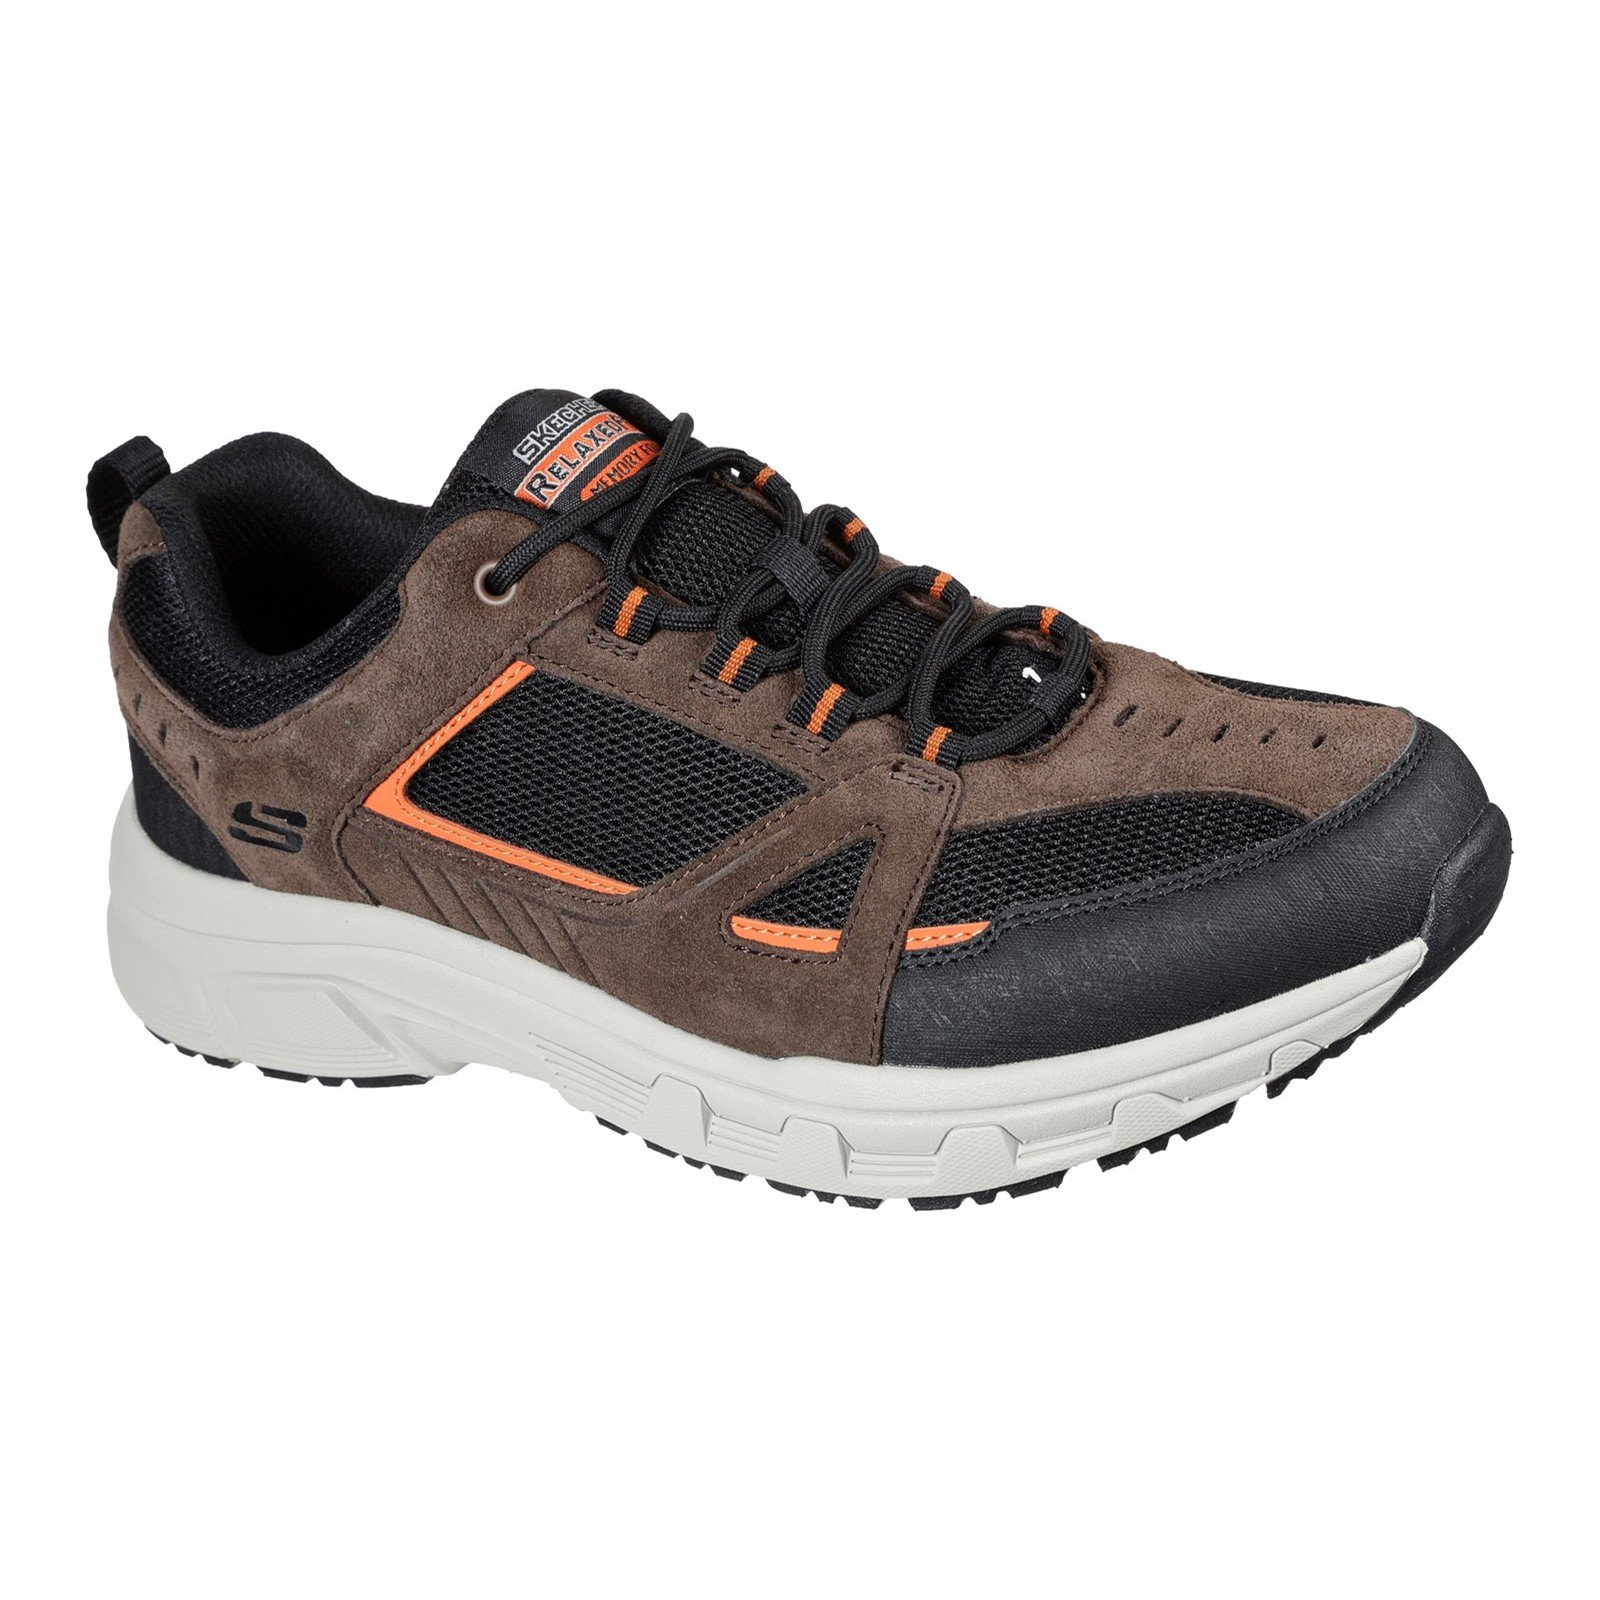 Skechers Men's Oak Canyon Duelist Trainer Various Colours 32187 - Chocolate/Black 10